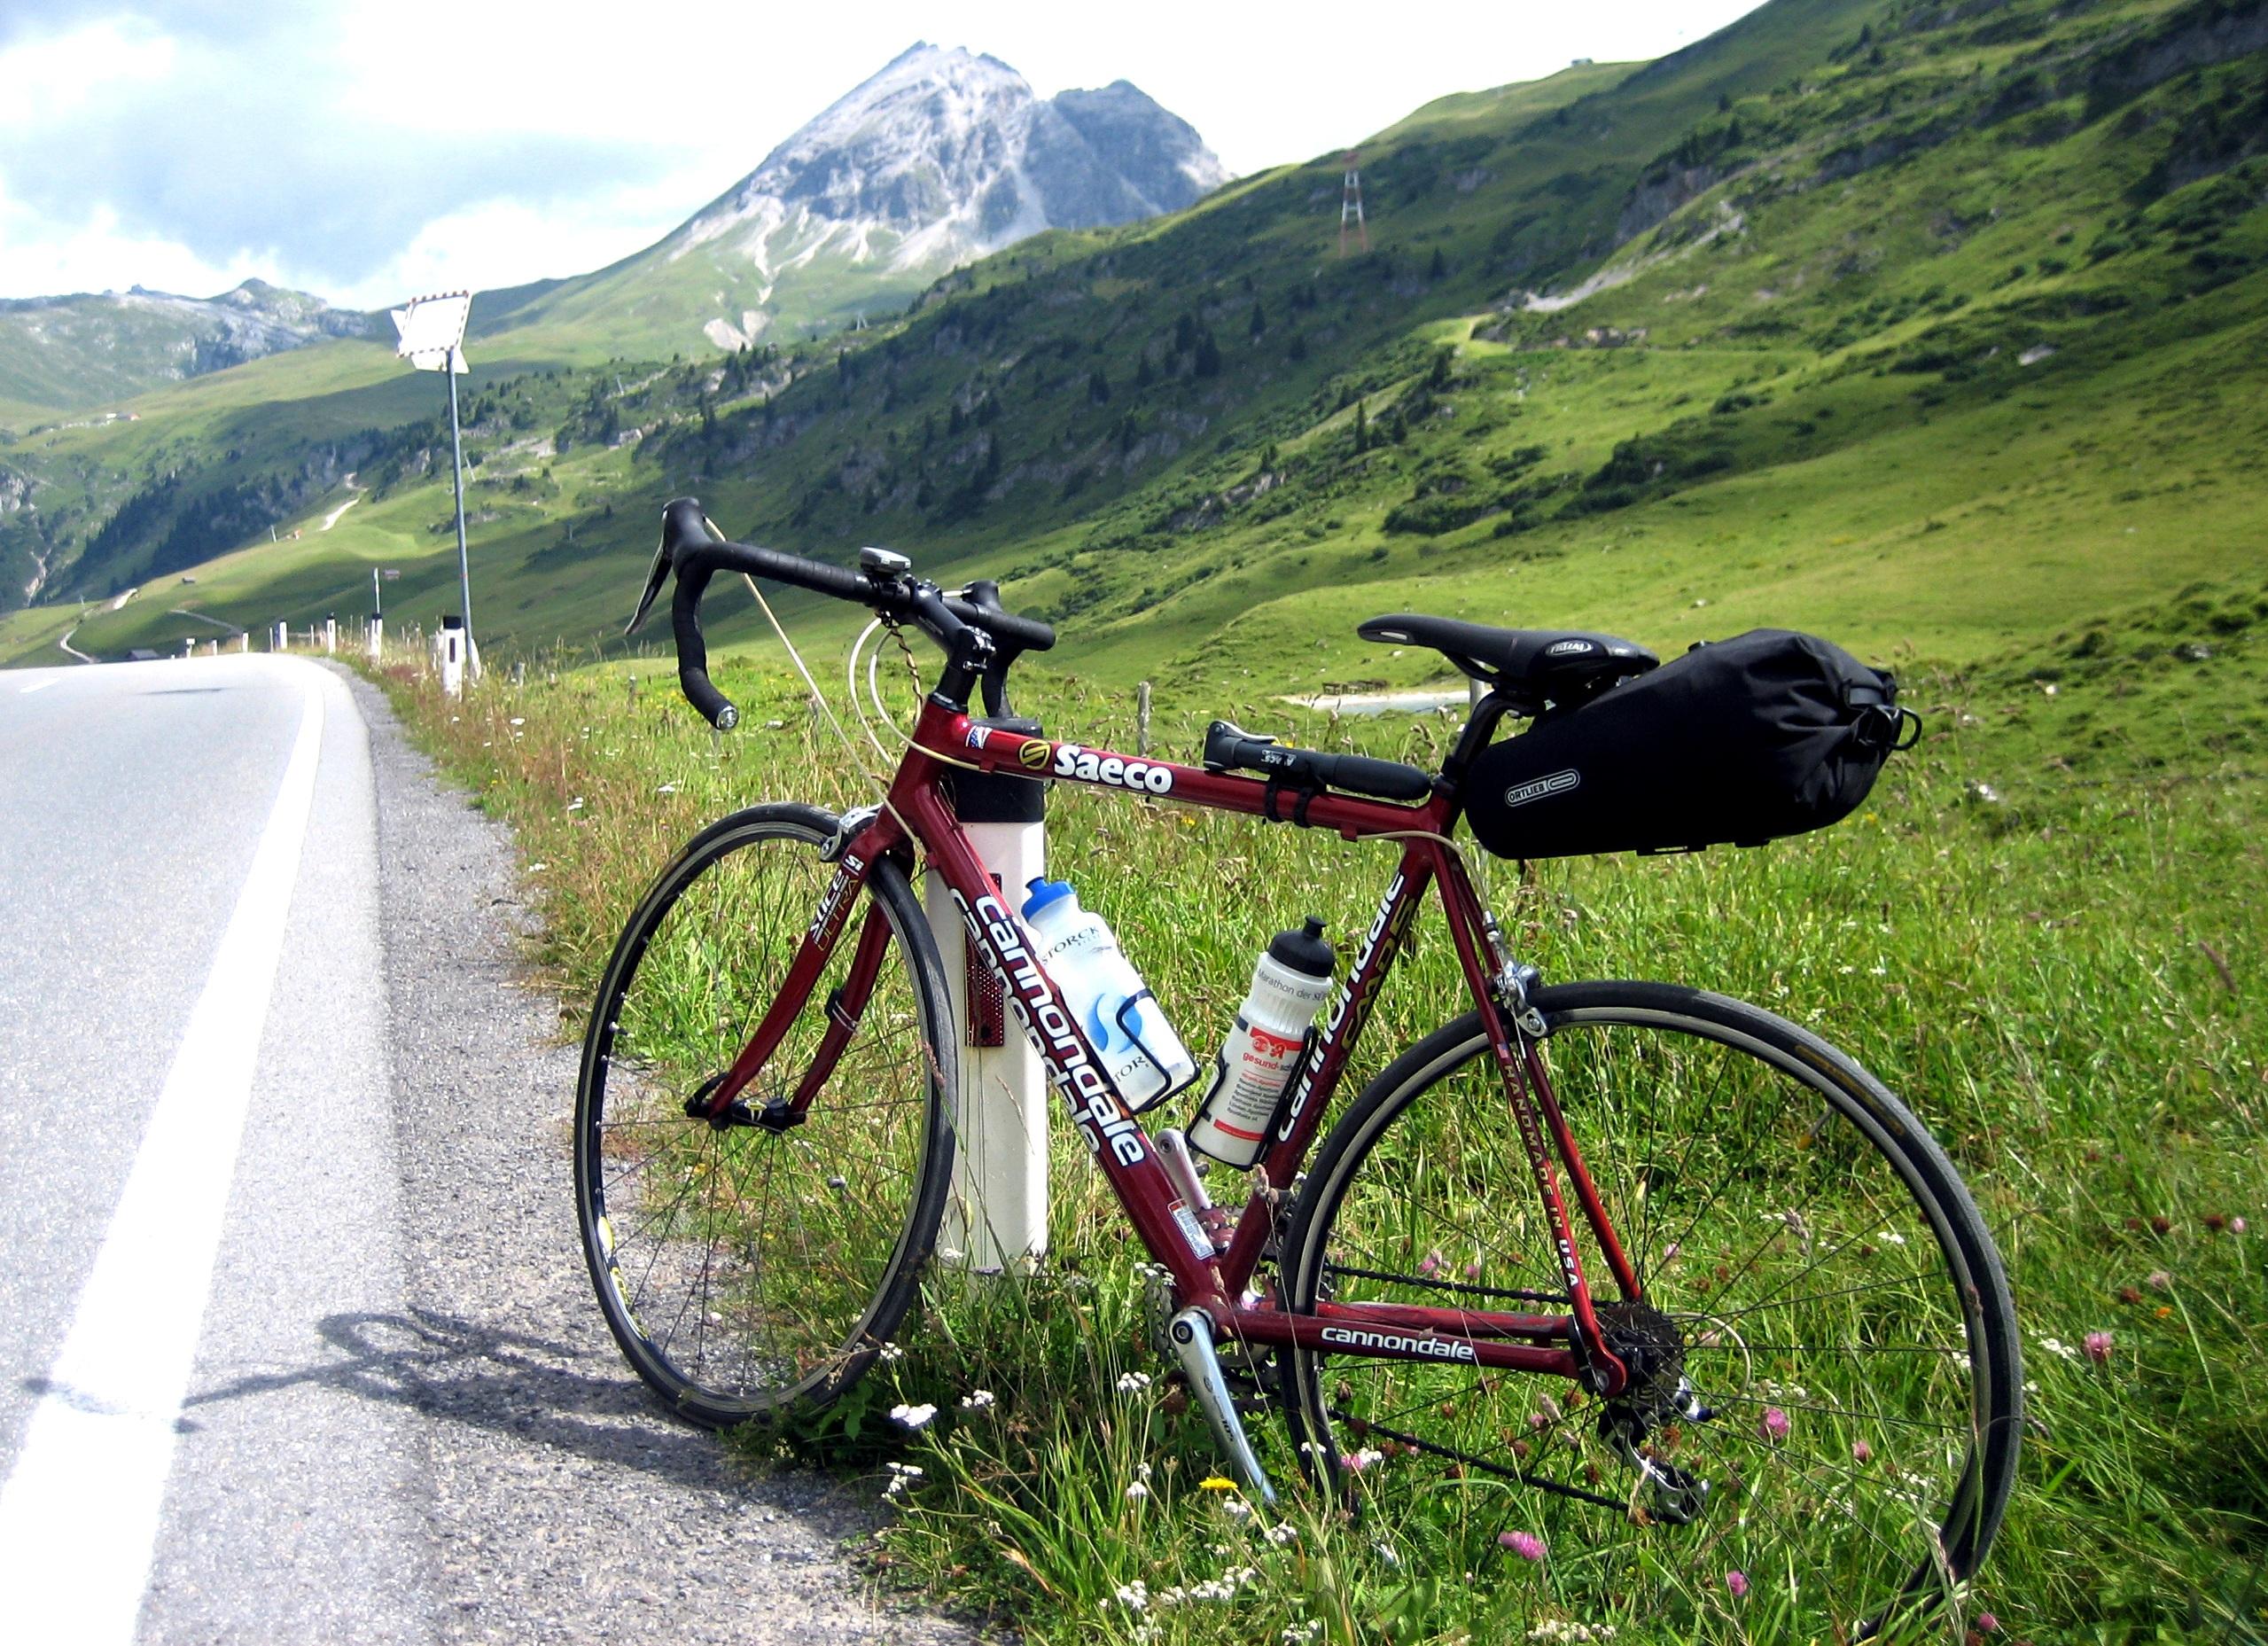 gratis afbeeldingen berg fiets bergketen hoog voertuig alpine sportuitrusting mountain. Black Bedroom Furniture Sets. Home Design Ideas